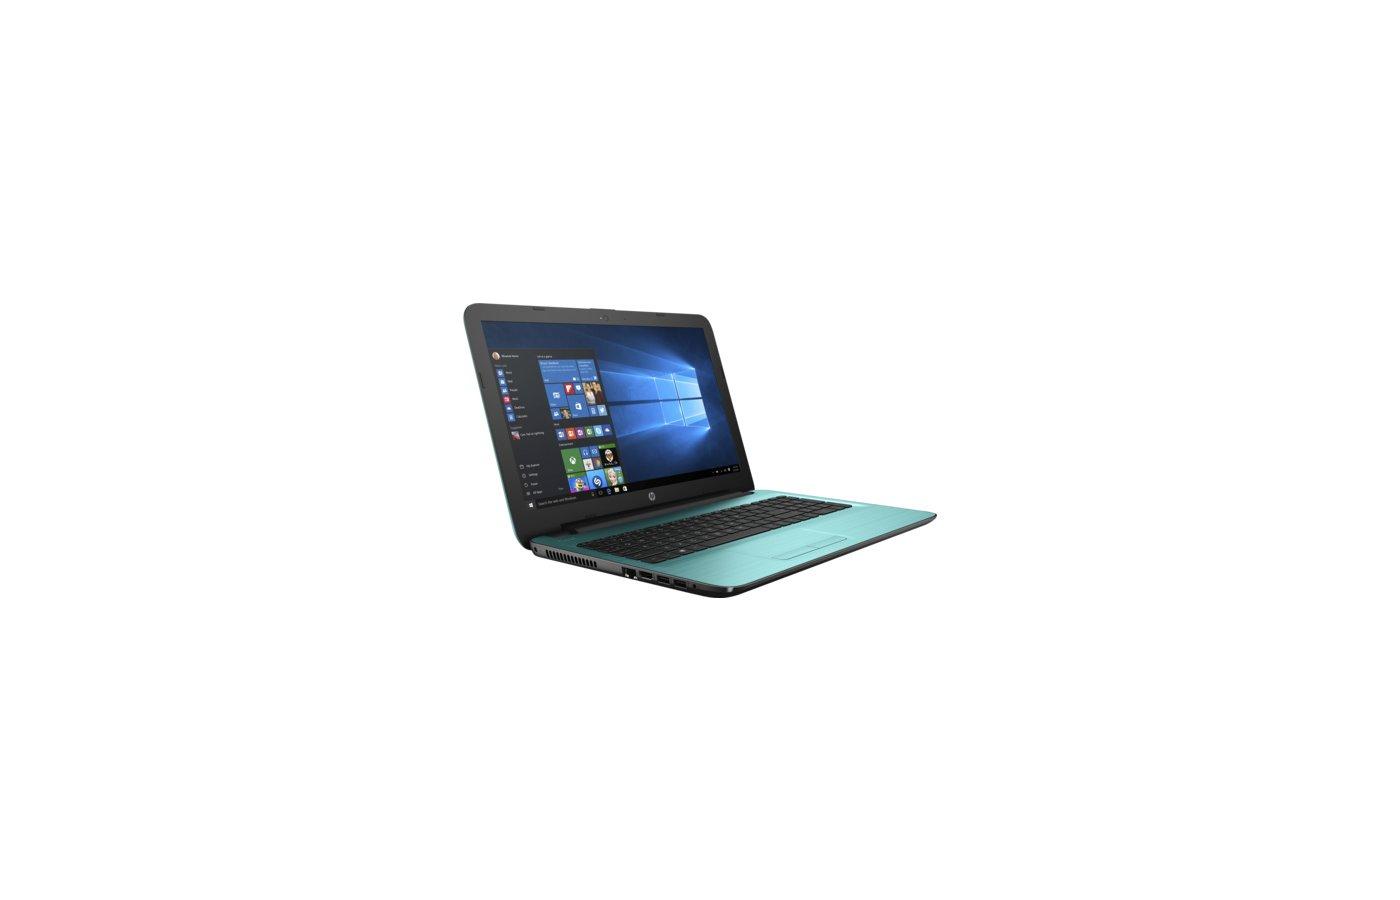 Ноутбук HP 15-ba506UR /Y6F18EA/ AMD E2 7110/4Gb/500Gb/15.6/WiFi/Win10 (Dreamy Teal)